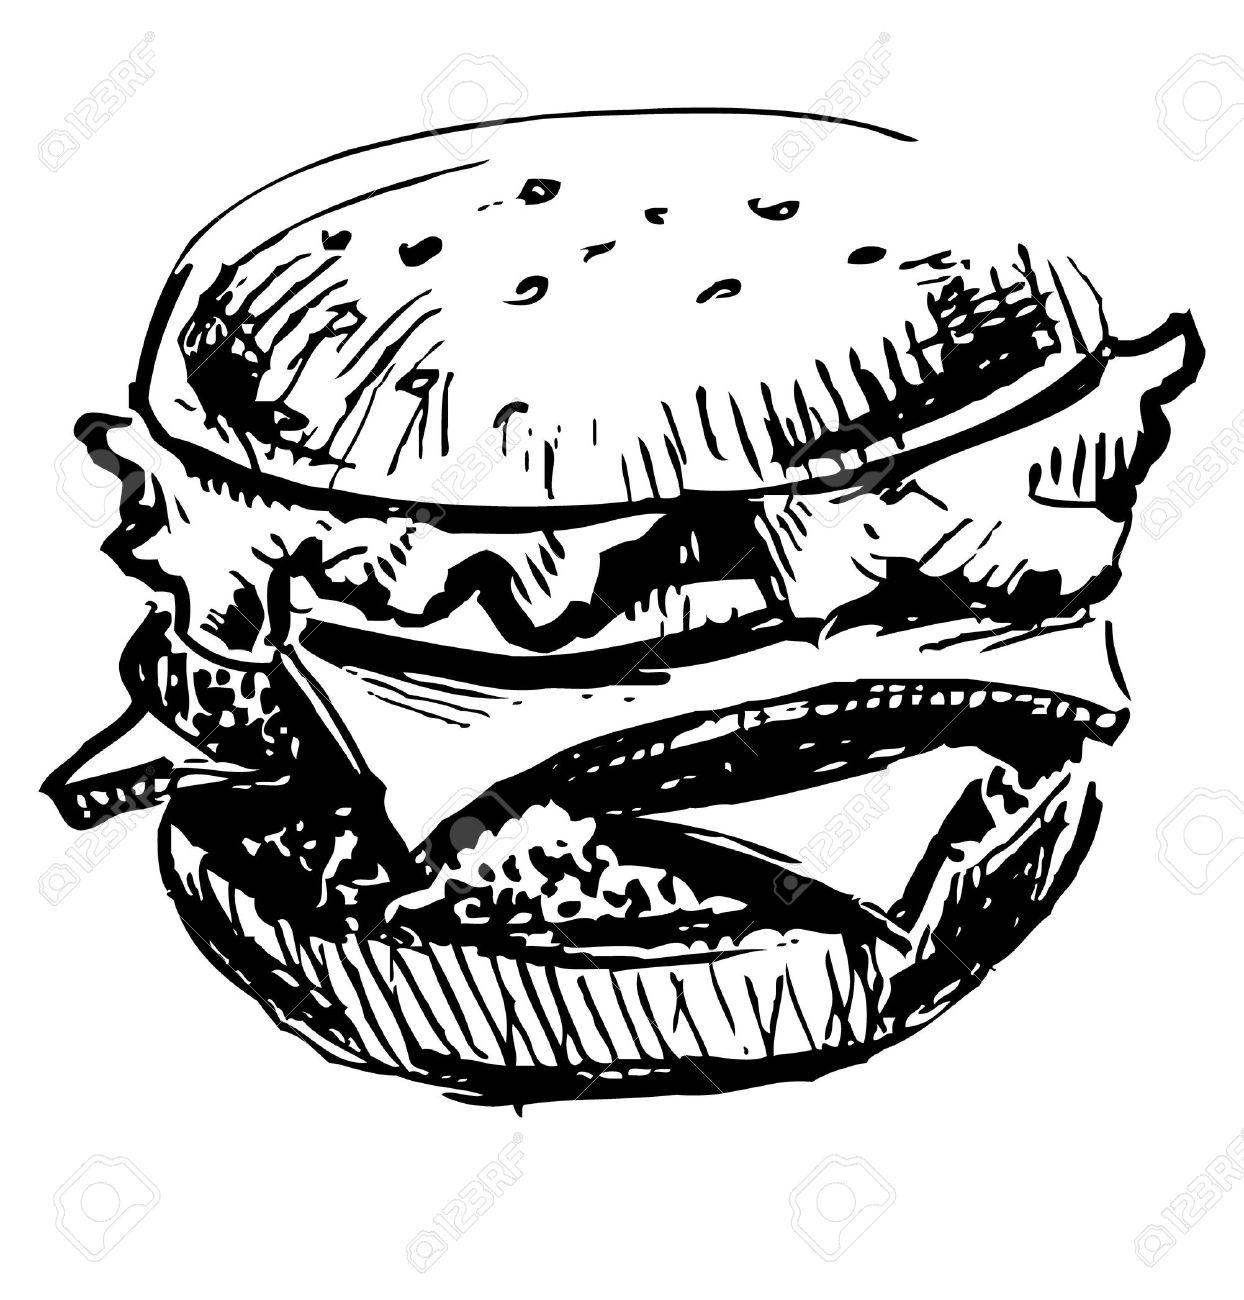 Delicious juicy burger Stock Vector - 18010381